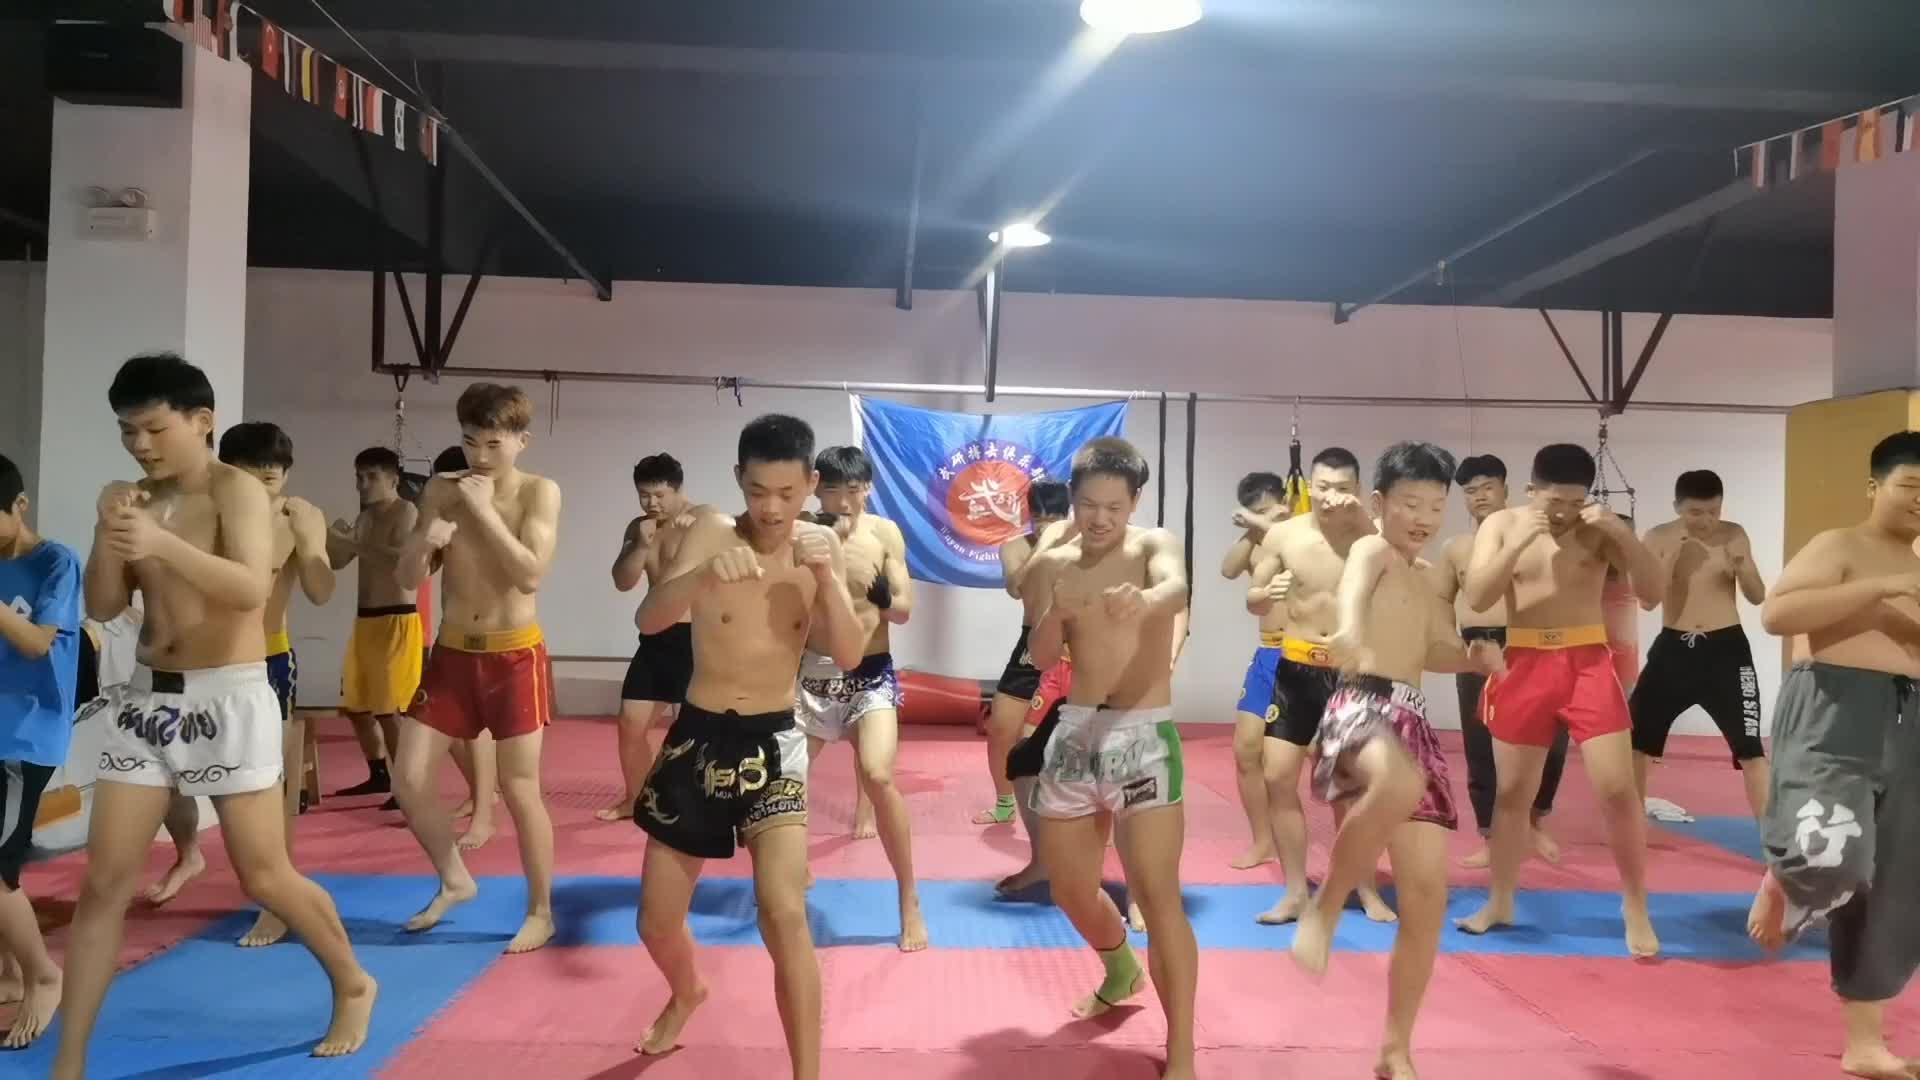 探访安徽武研搏击俱乐部,与少年队员零距离交流,寻搏击运动魅力